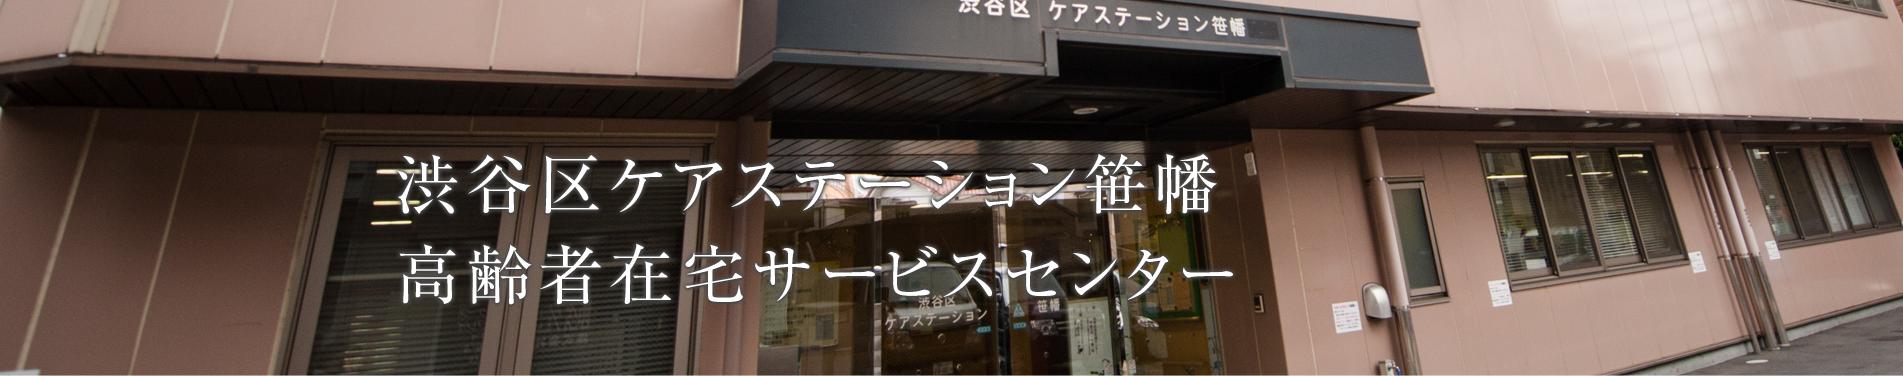 渋谷区ケアステーション笹幡高齢者在宅サービスセンター